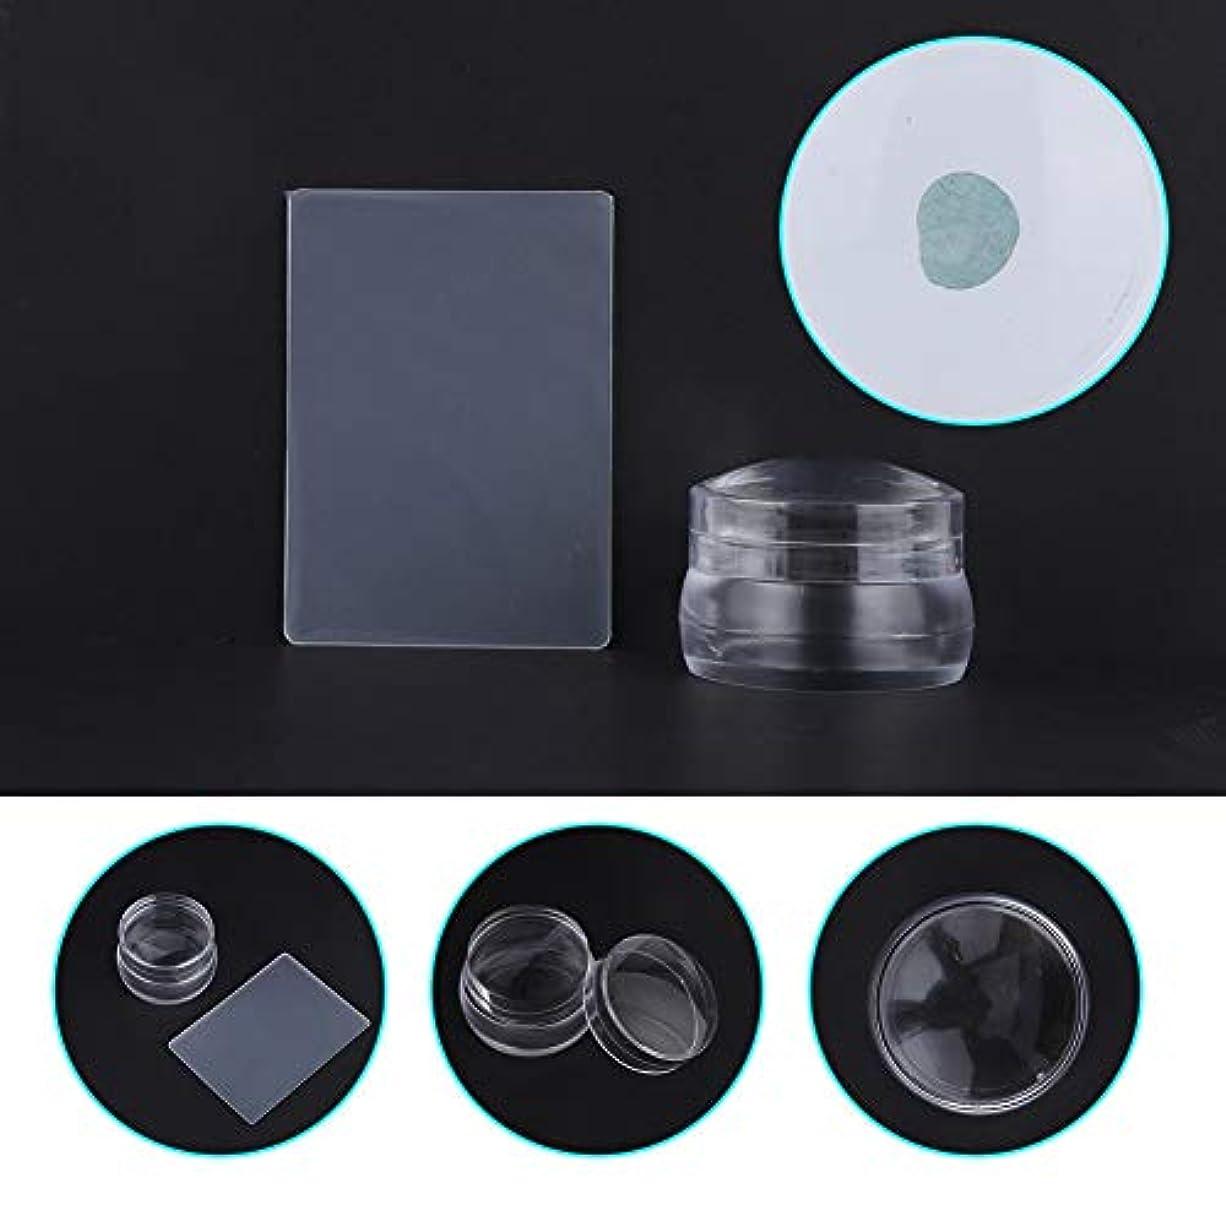 有力者レインコートヘッジふたのスクレーパーマニキュアの釘の印刷用具が付いている透明なシリコーンの釘の芸術のスタンパー